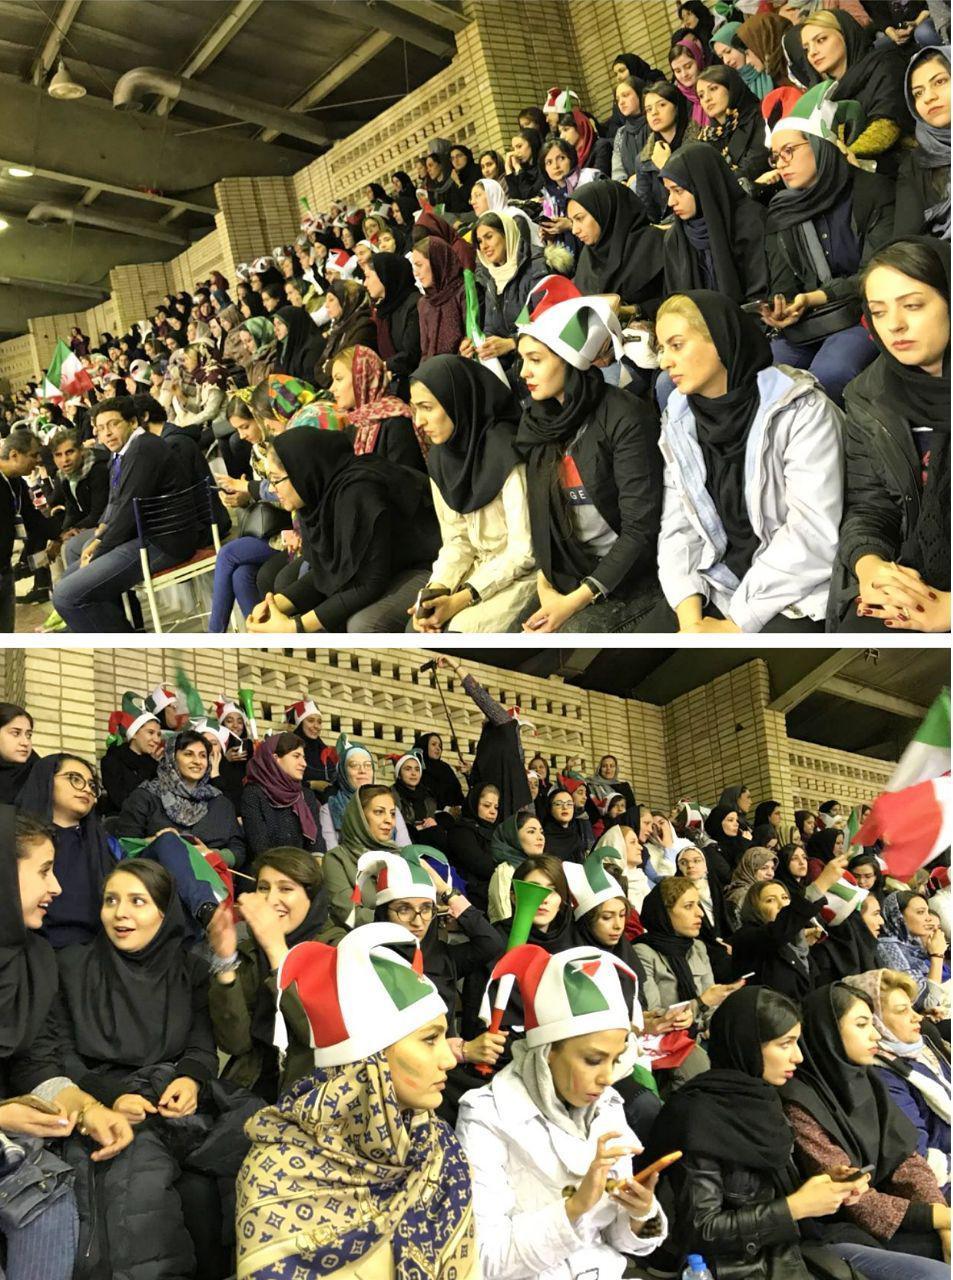 استقبال زنان از حضور در ورزشگاه (عکس)